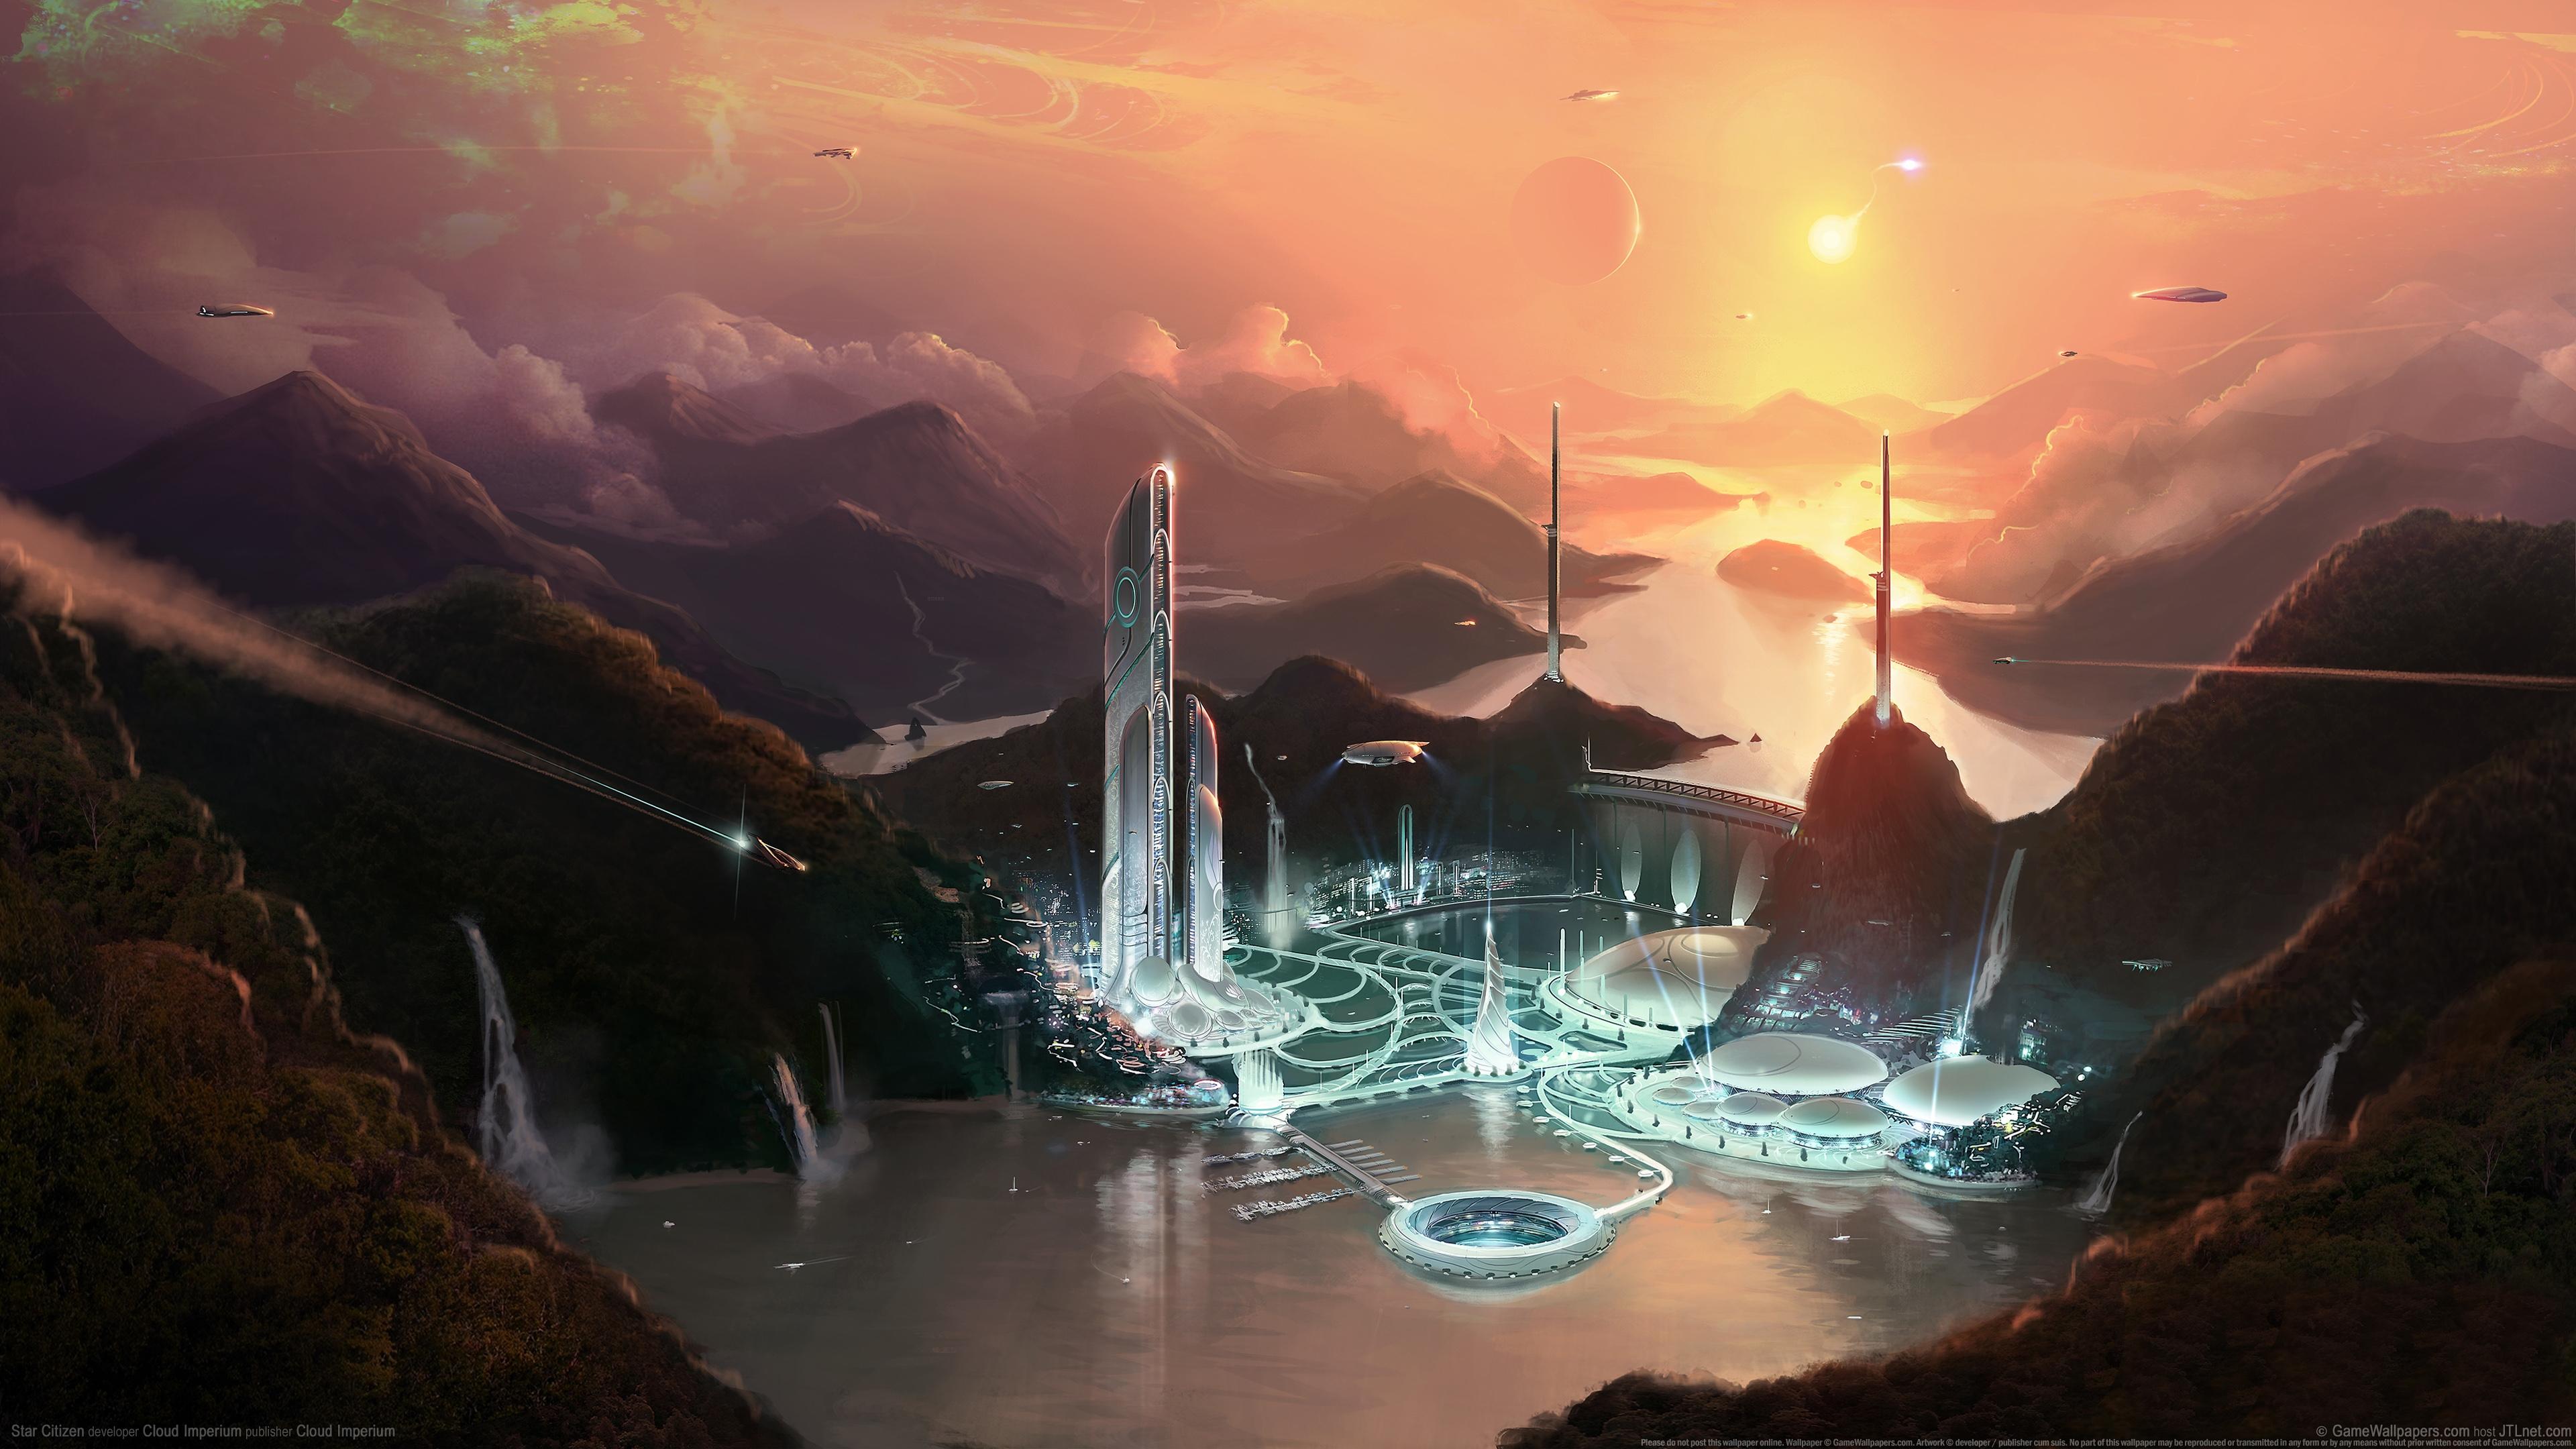 纸科幻画太空探索图片大全_4k纸科幻画太空探索图片 .图片